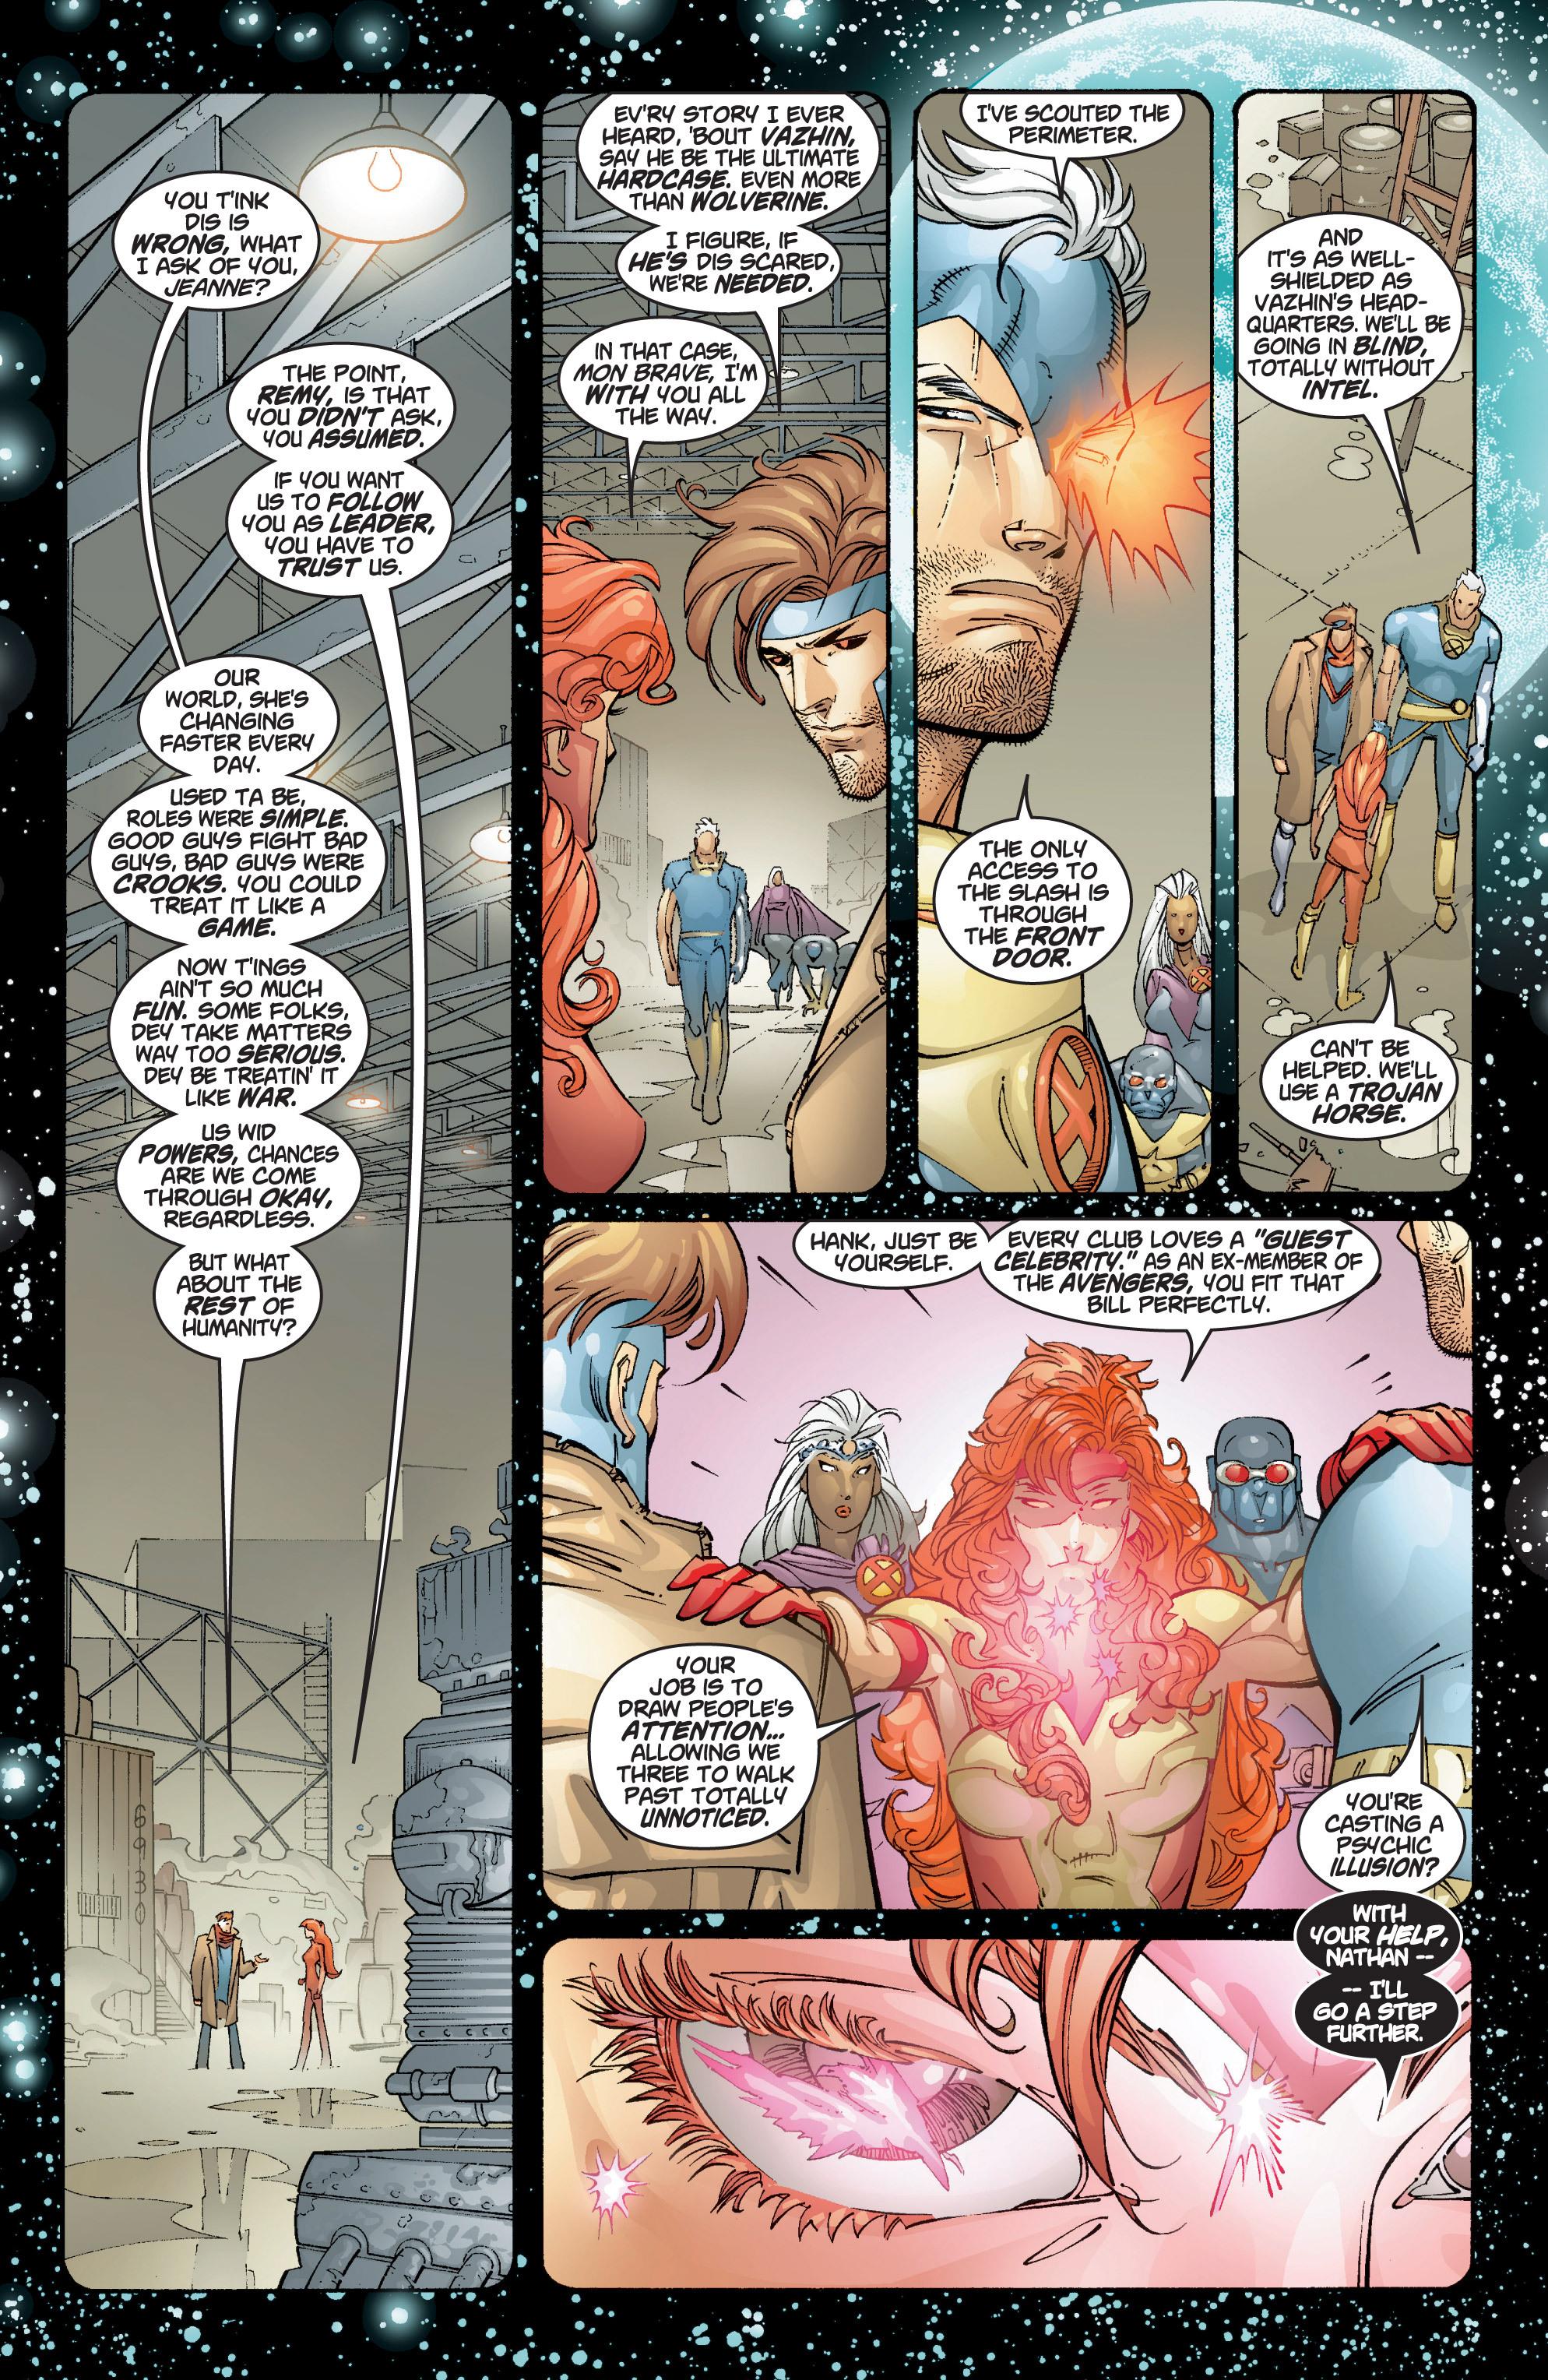 Read online Uncanny X-Men (1963) comic -  Issue #383 - 8